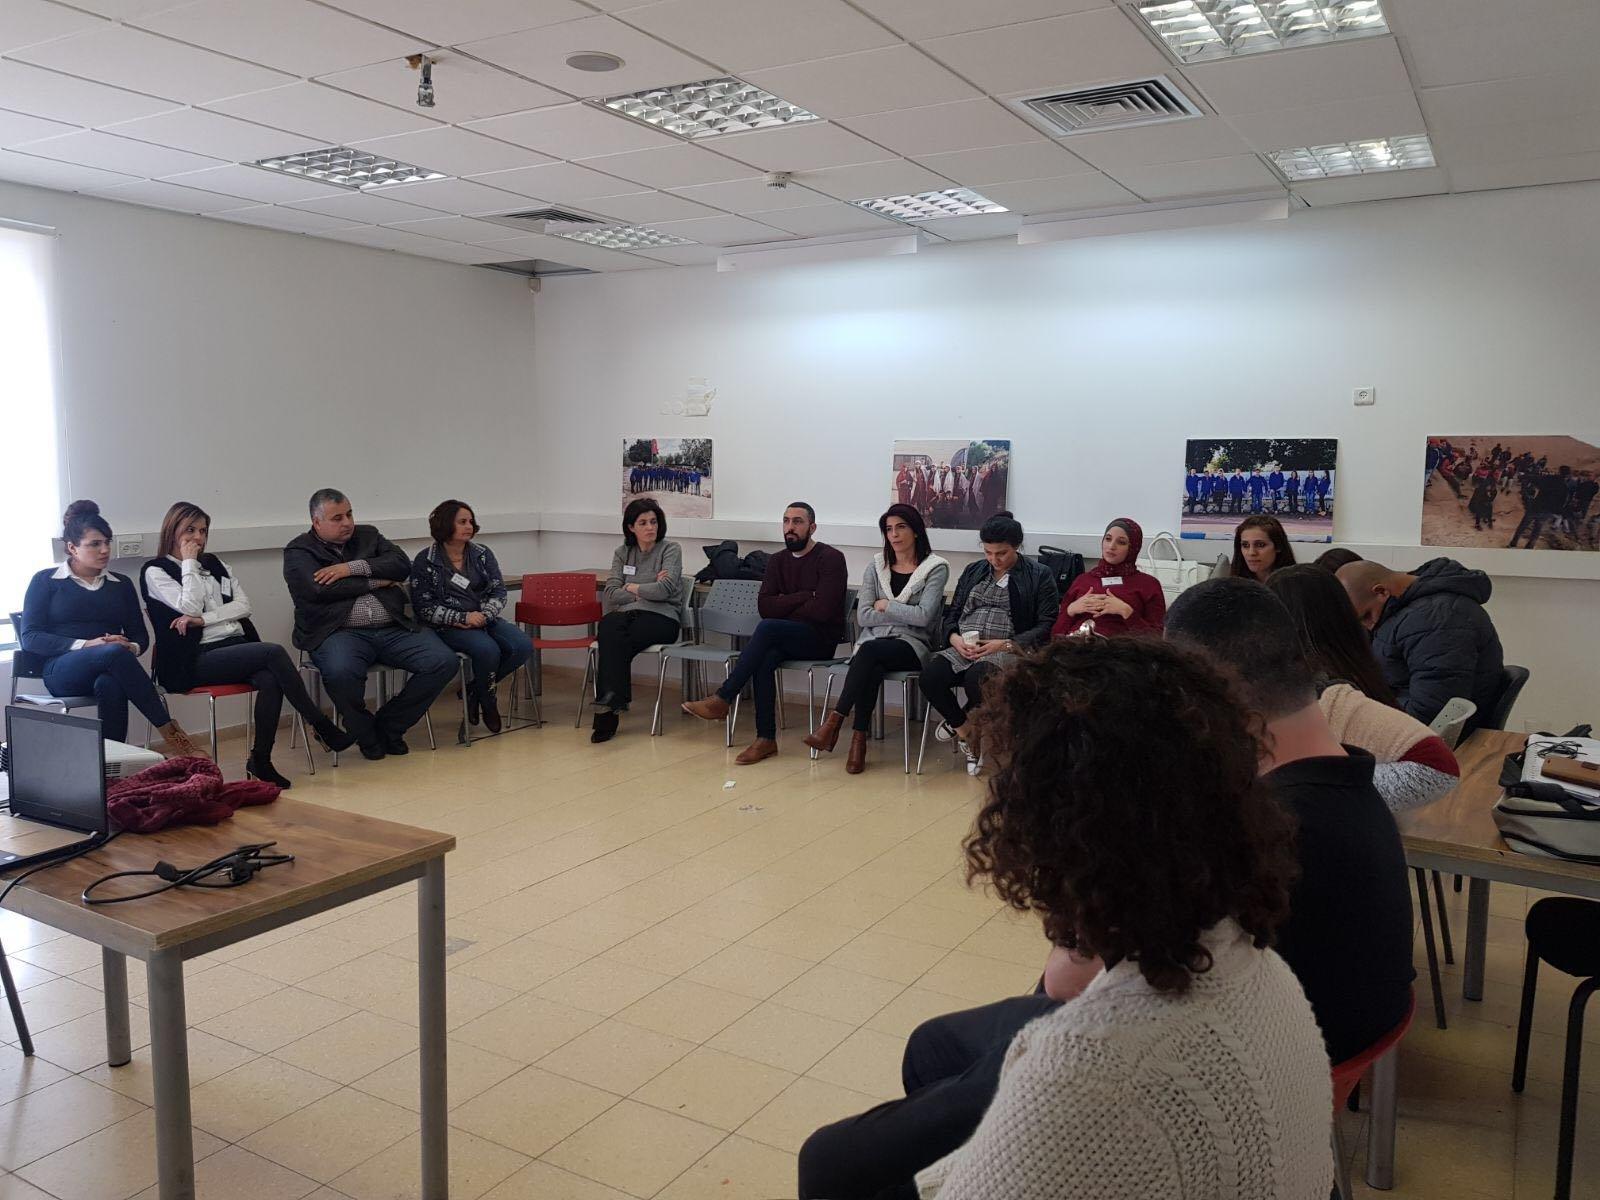 شركة الفنار تنظّم أيّام دراسيّة لطواقم مراكز ريان لارشادهم حول دمج الأشخاص مع الاعاقات في سوق العمل